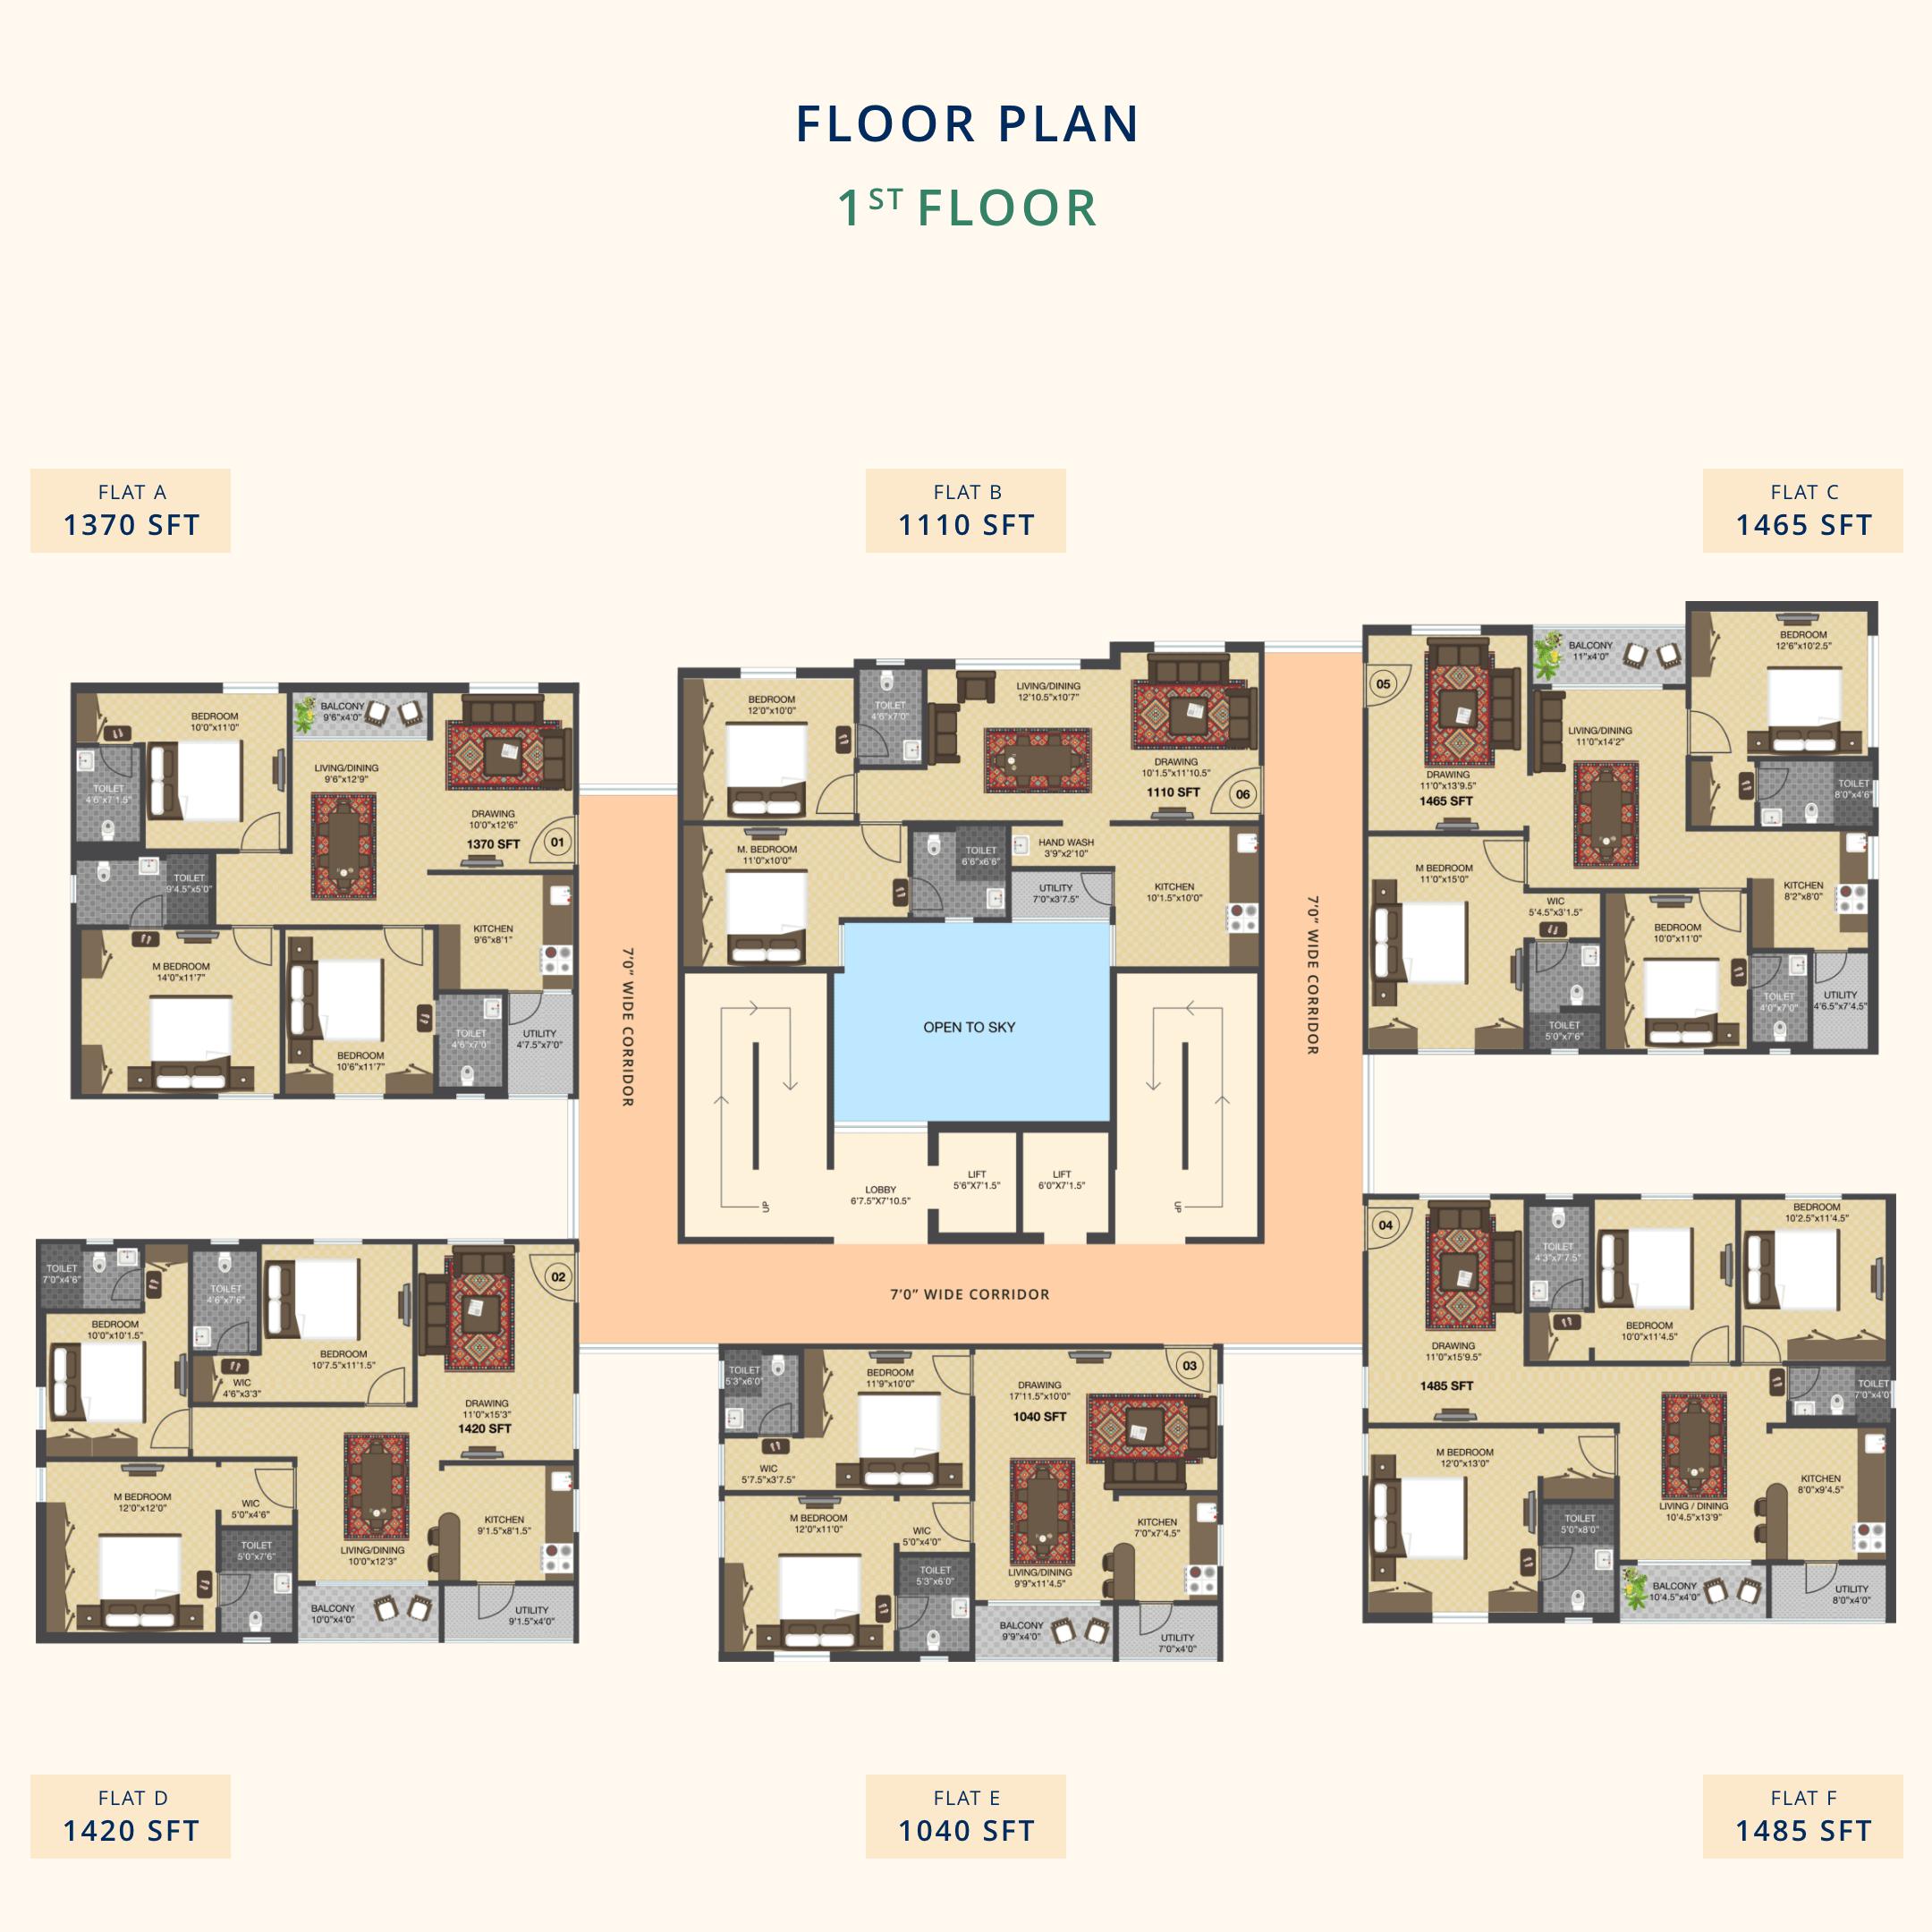 Signature-Residential-Apartments-1st Floor